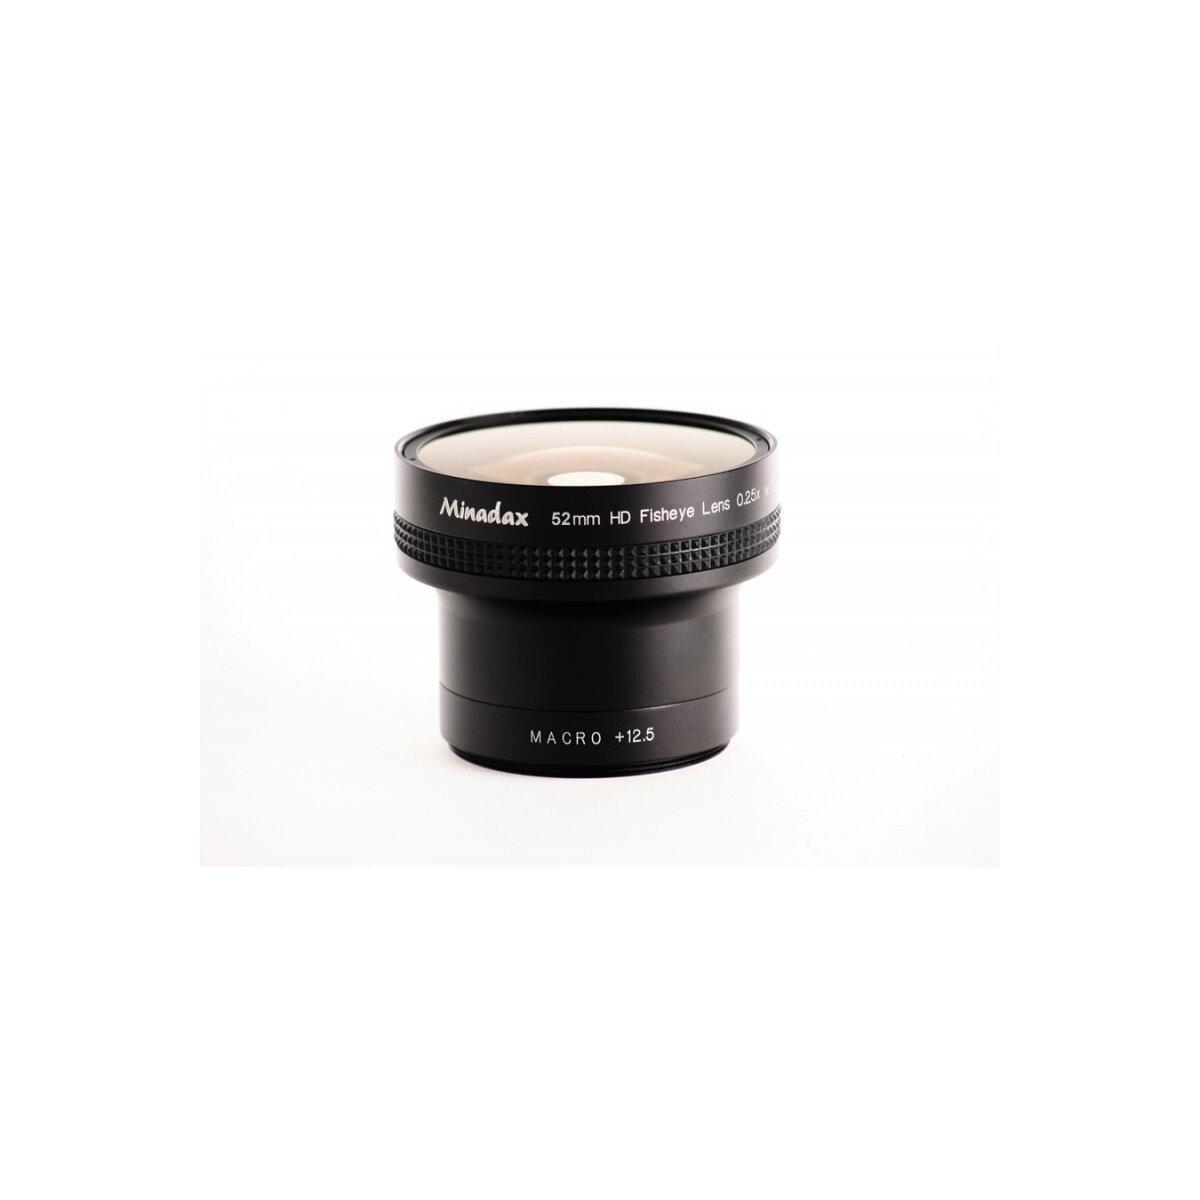 Minadax 0.25x Fisheye Vorsatz kompatibel mit Canon Powershot A80, A95 - in schwarz